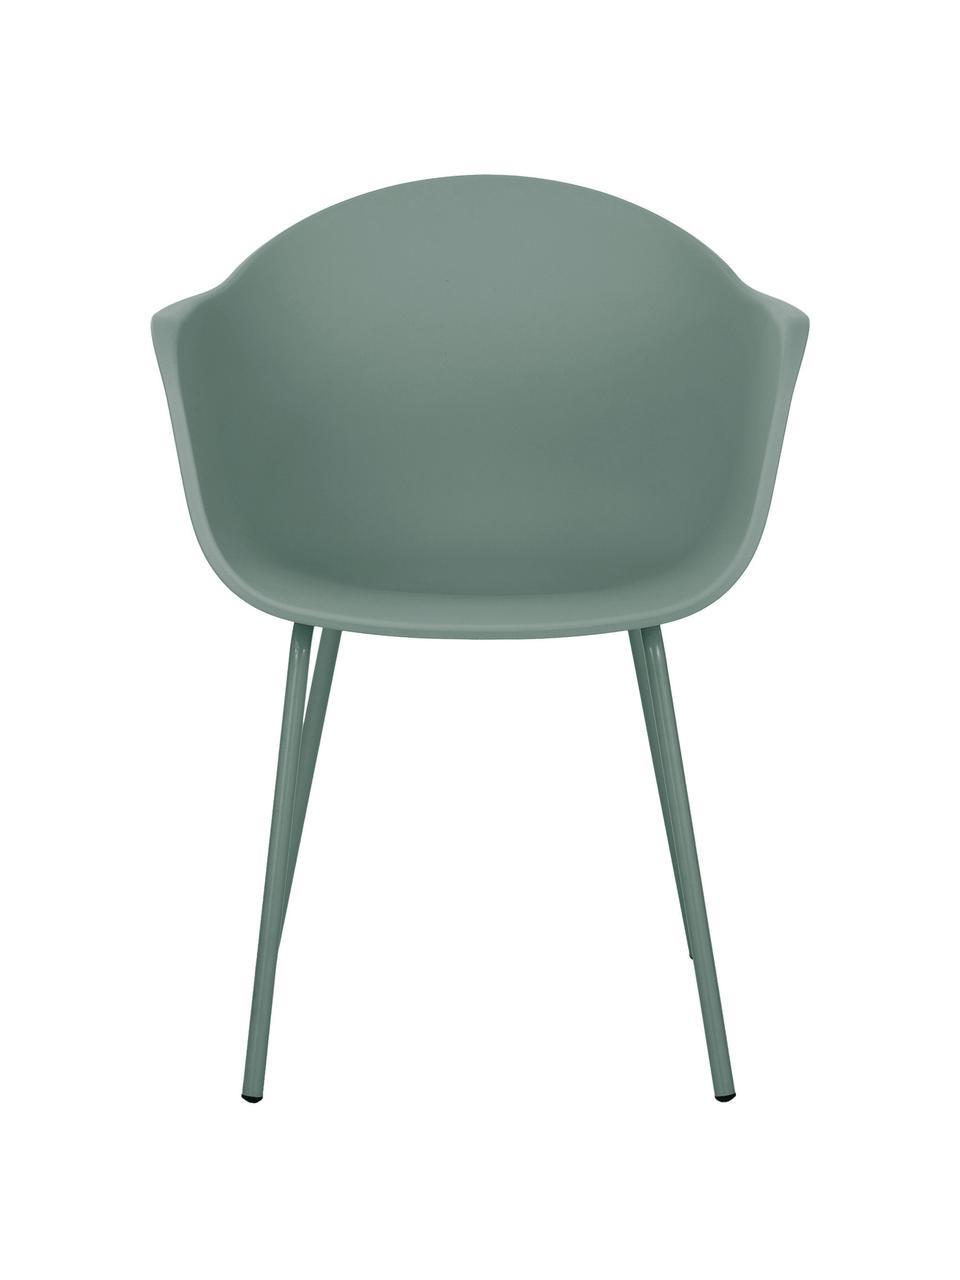 Kunststoff-Armlehnstuhl Claire mit Metallbeinen, Sitzschale: Kunststoff, Beine: Metall, pulverbeschichtet, Grün, B 60 x T 54 cm